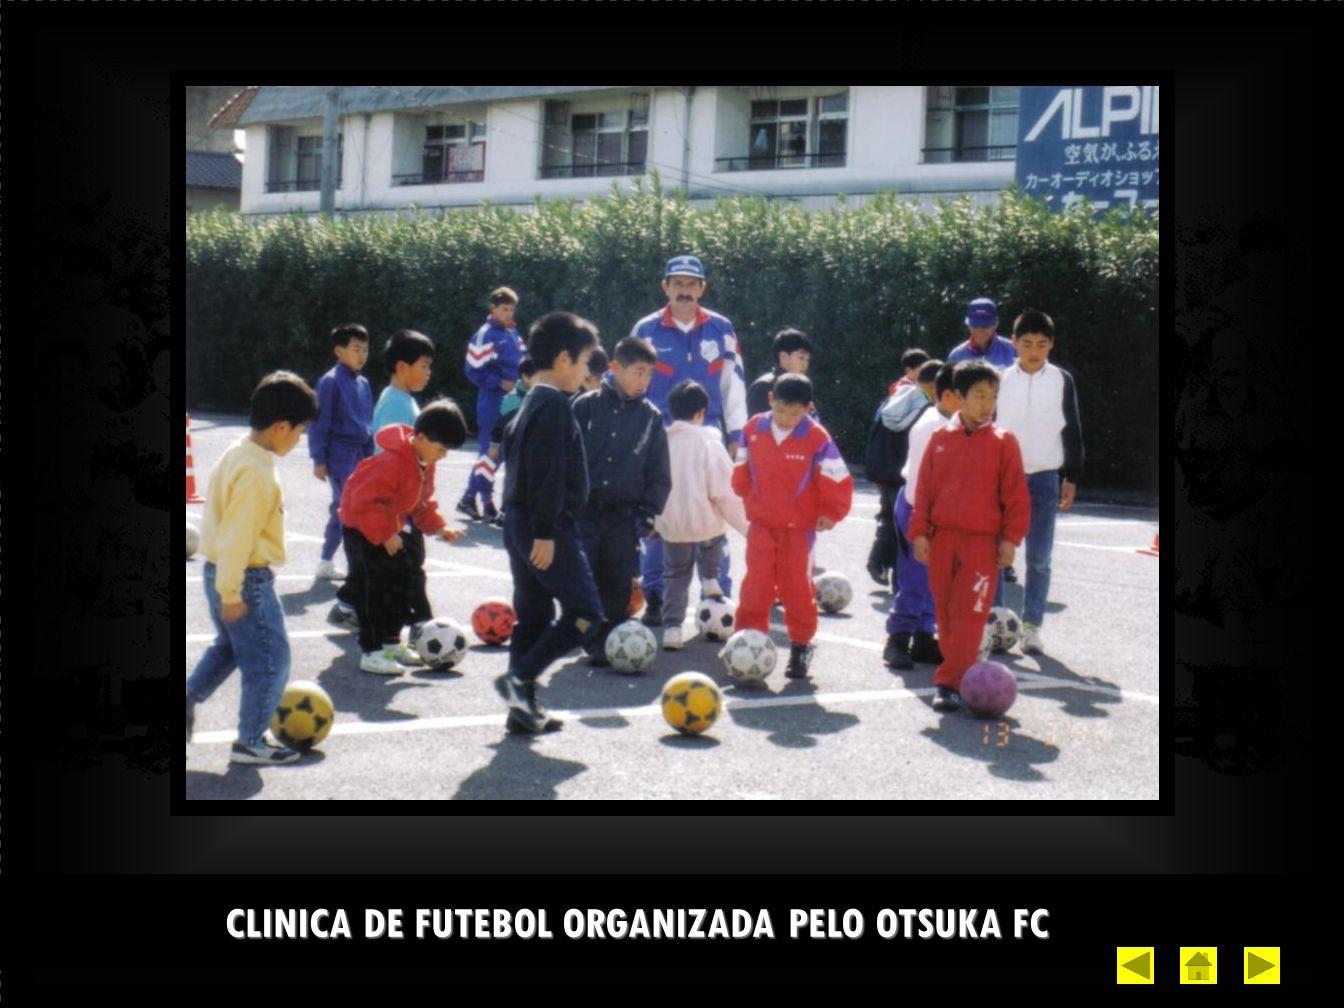 CLINICA DE FUTEBOL ORGANIZADA PELO OTSUKA FC